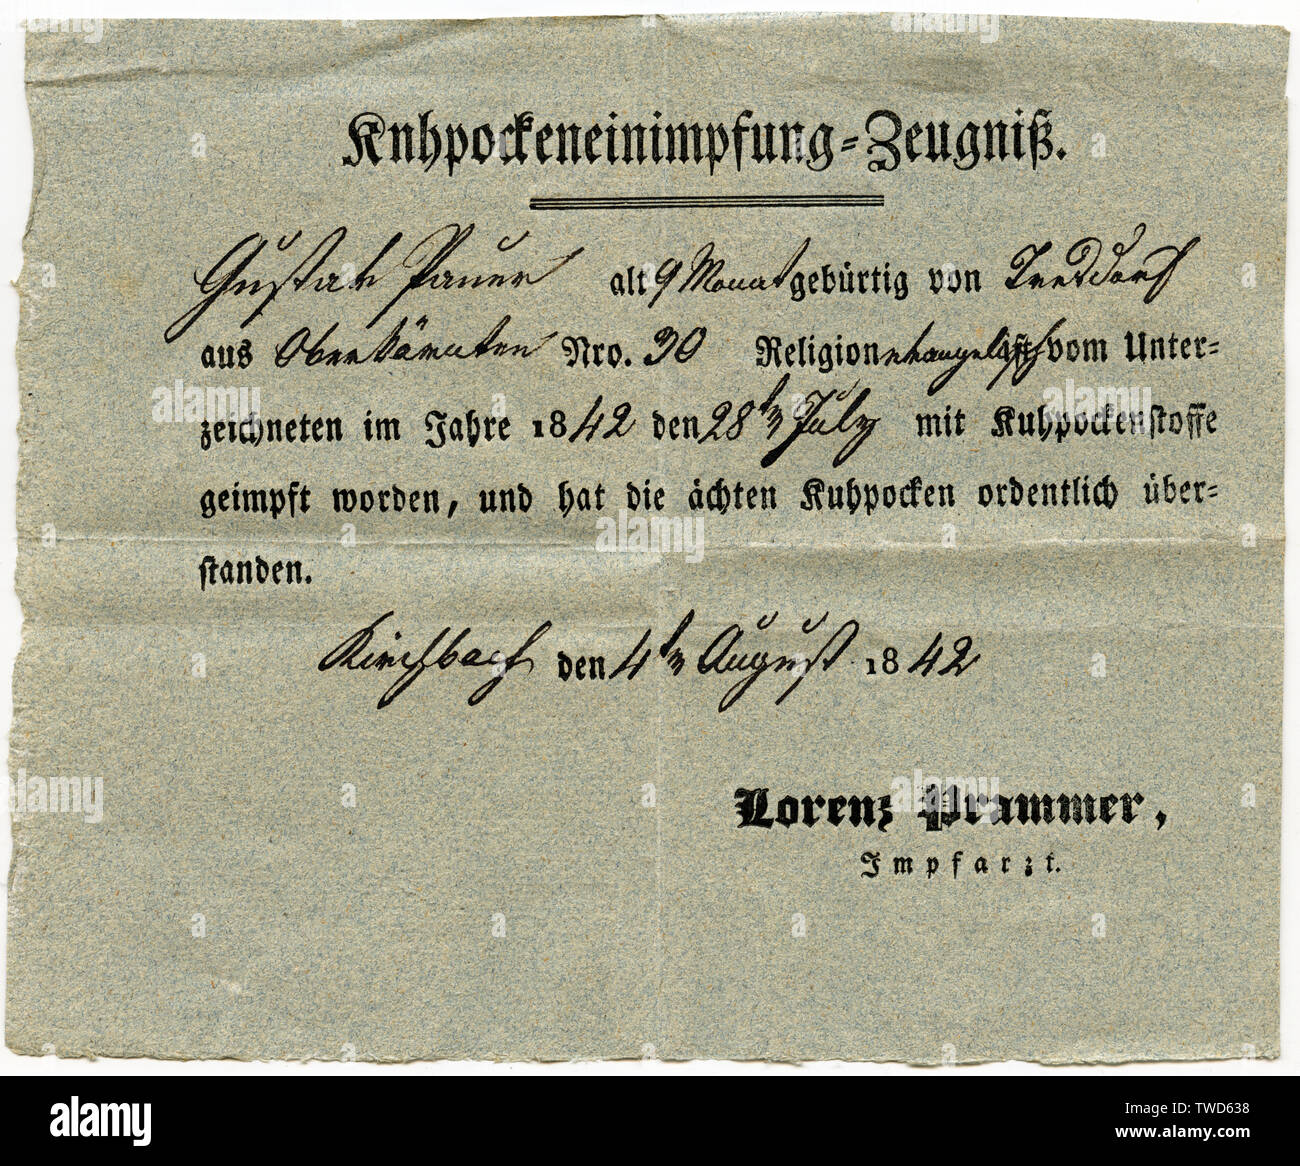 Österreich, Kärnten, Oberkärnten, Impfzeugnis - Kuhpockeneinimpfung=Zeugnis - , geschrieben in der Kanzleischrift : Gustav Pamer , alt 9 Monate, gebür Stock Photo